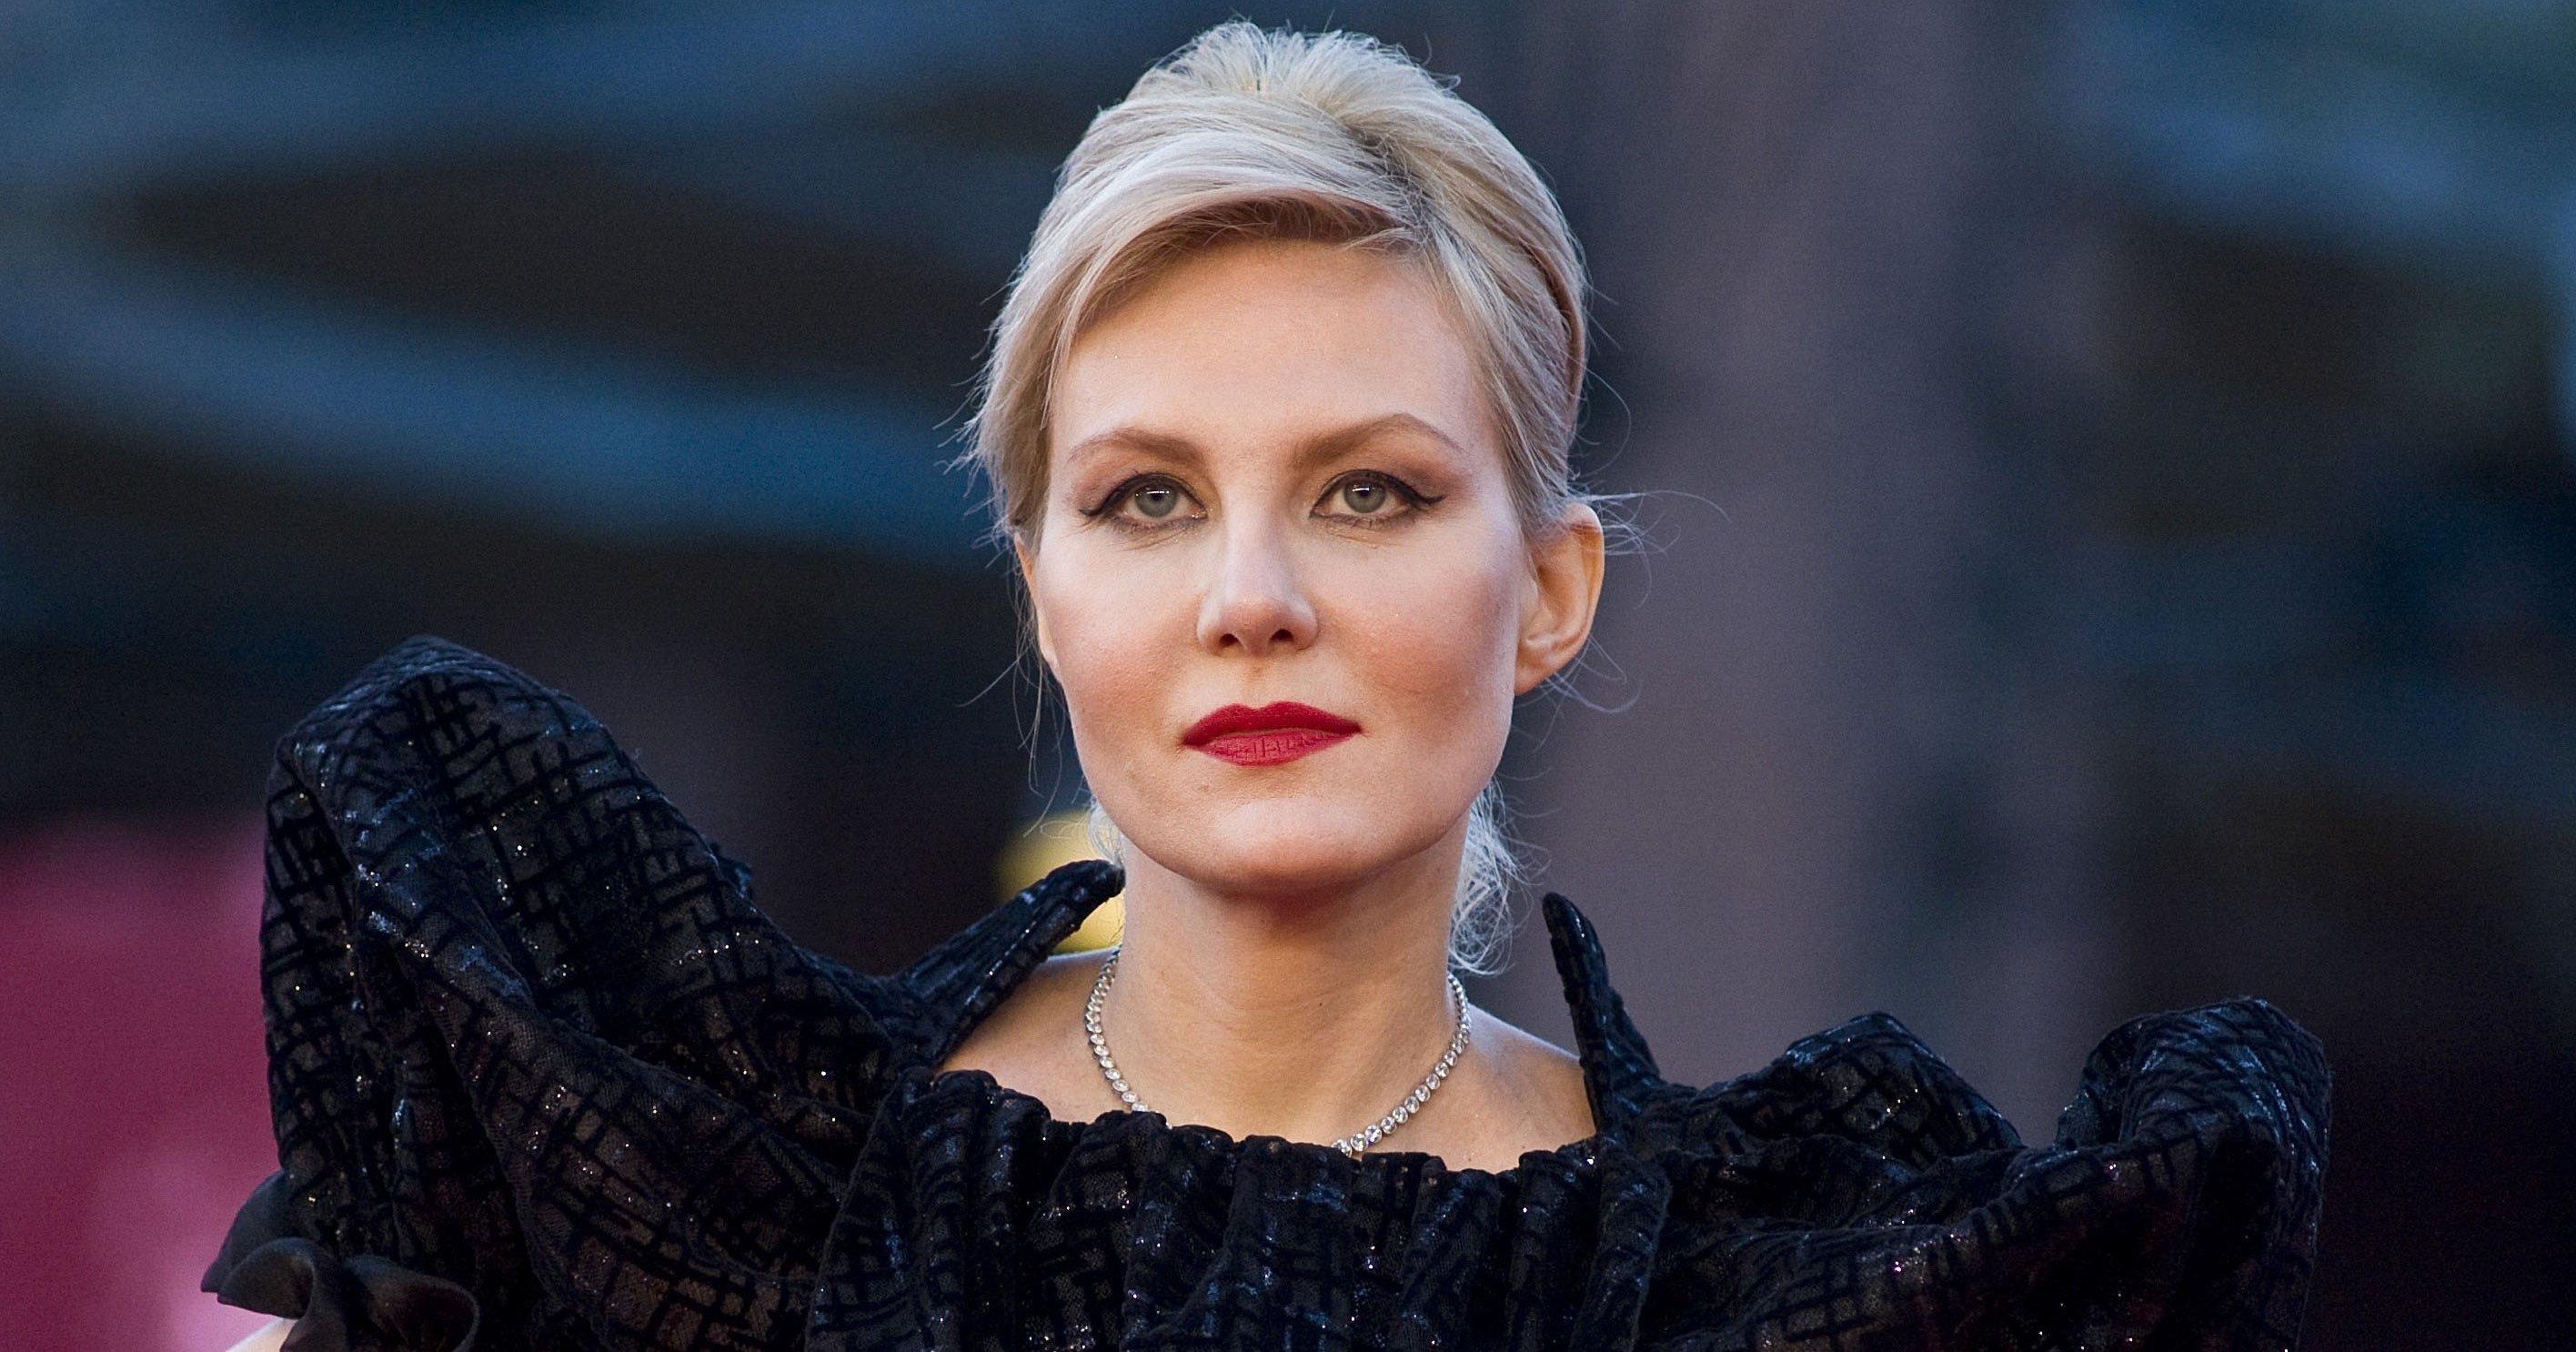 Рената Литвинова создала ретро-образ для нового фильма